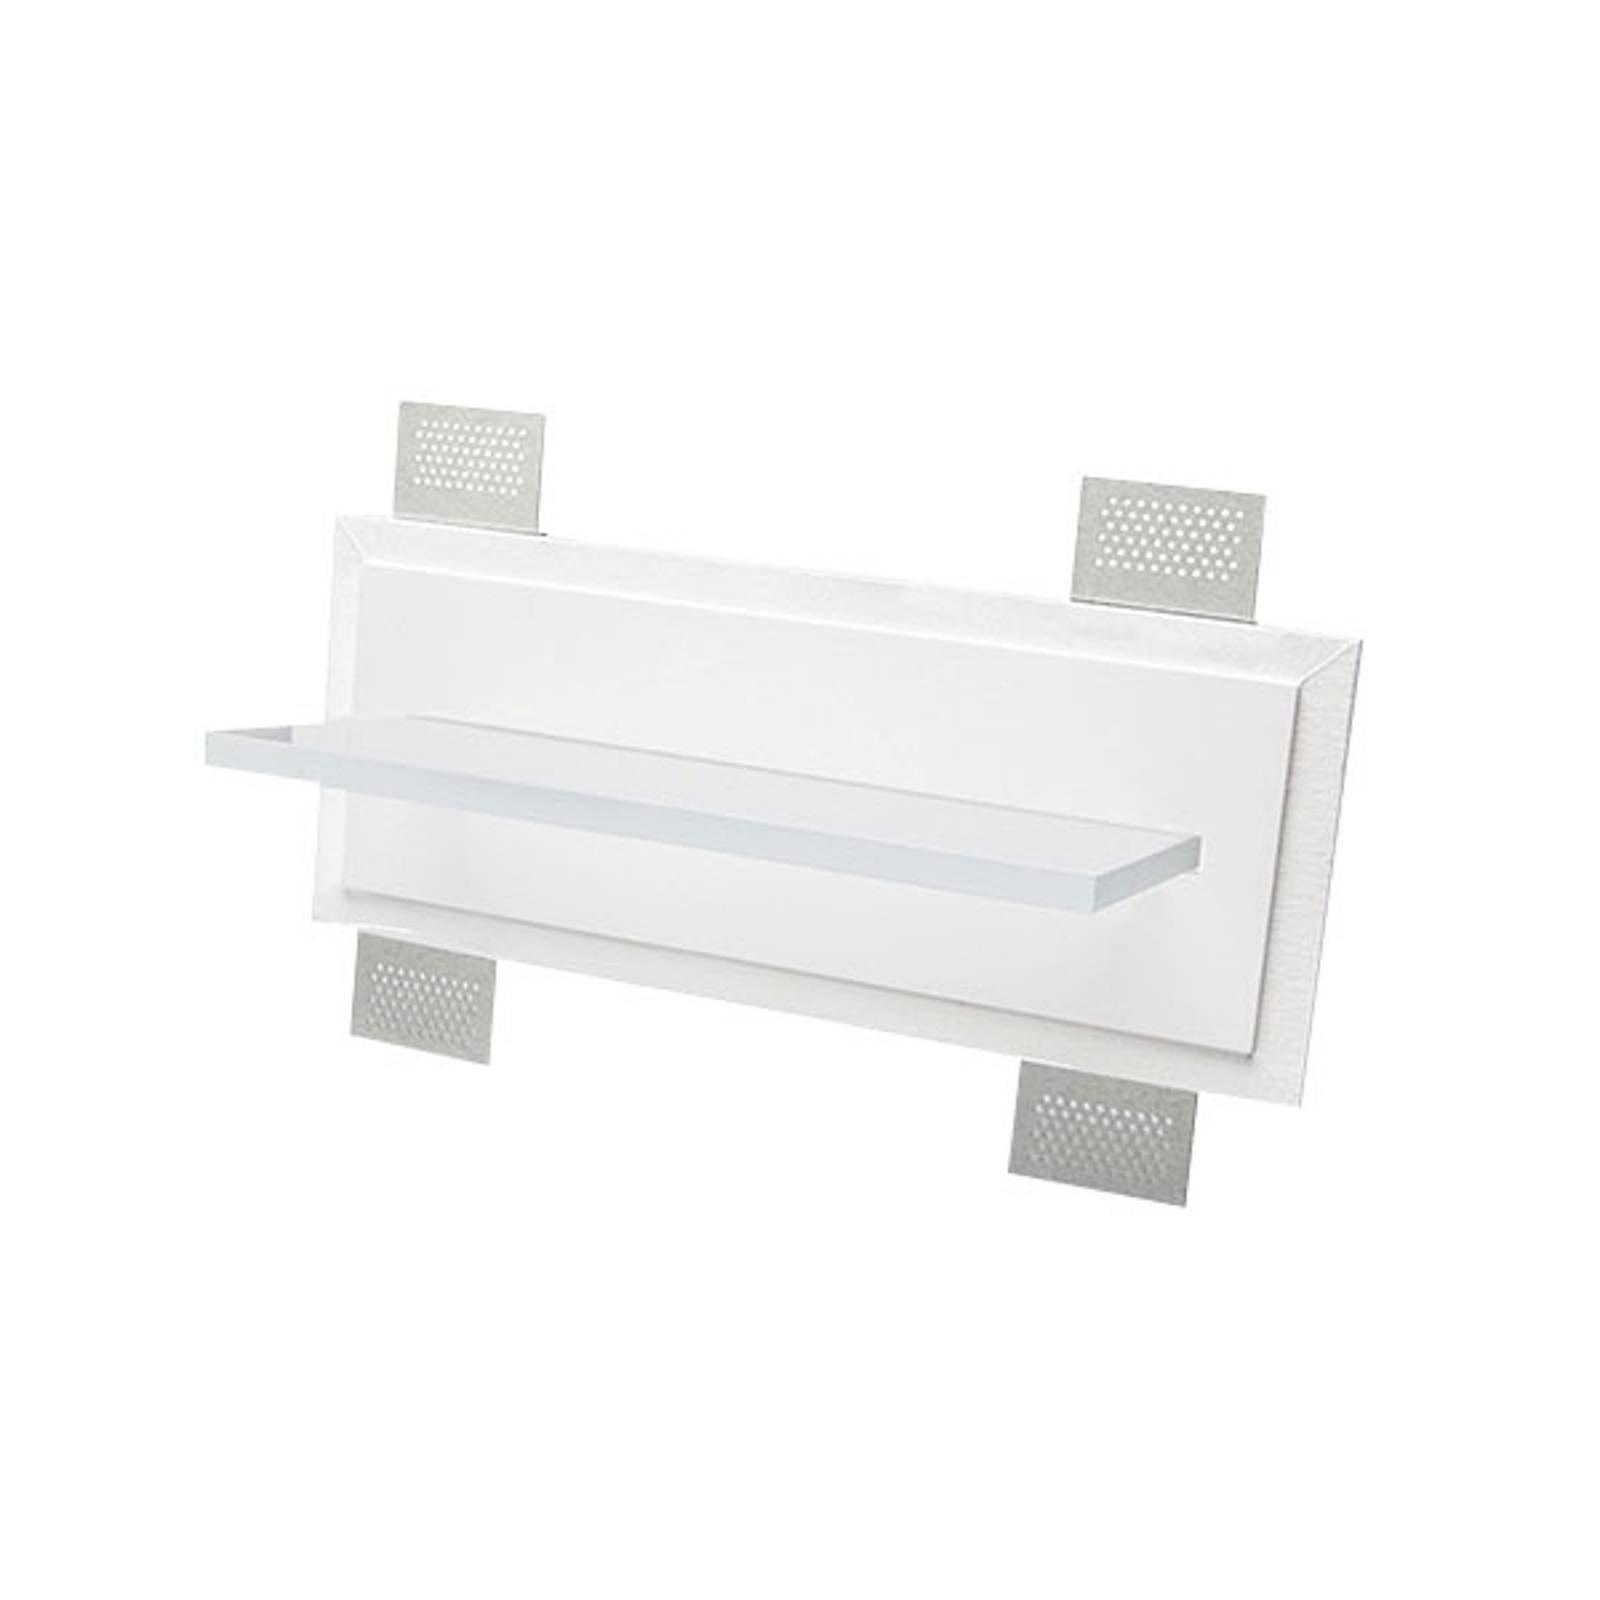 LED innfelt vegglampe 2484A, bredde 40 cm, 3 000 K